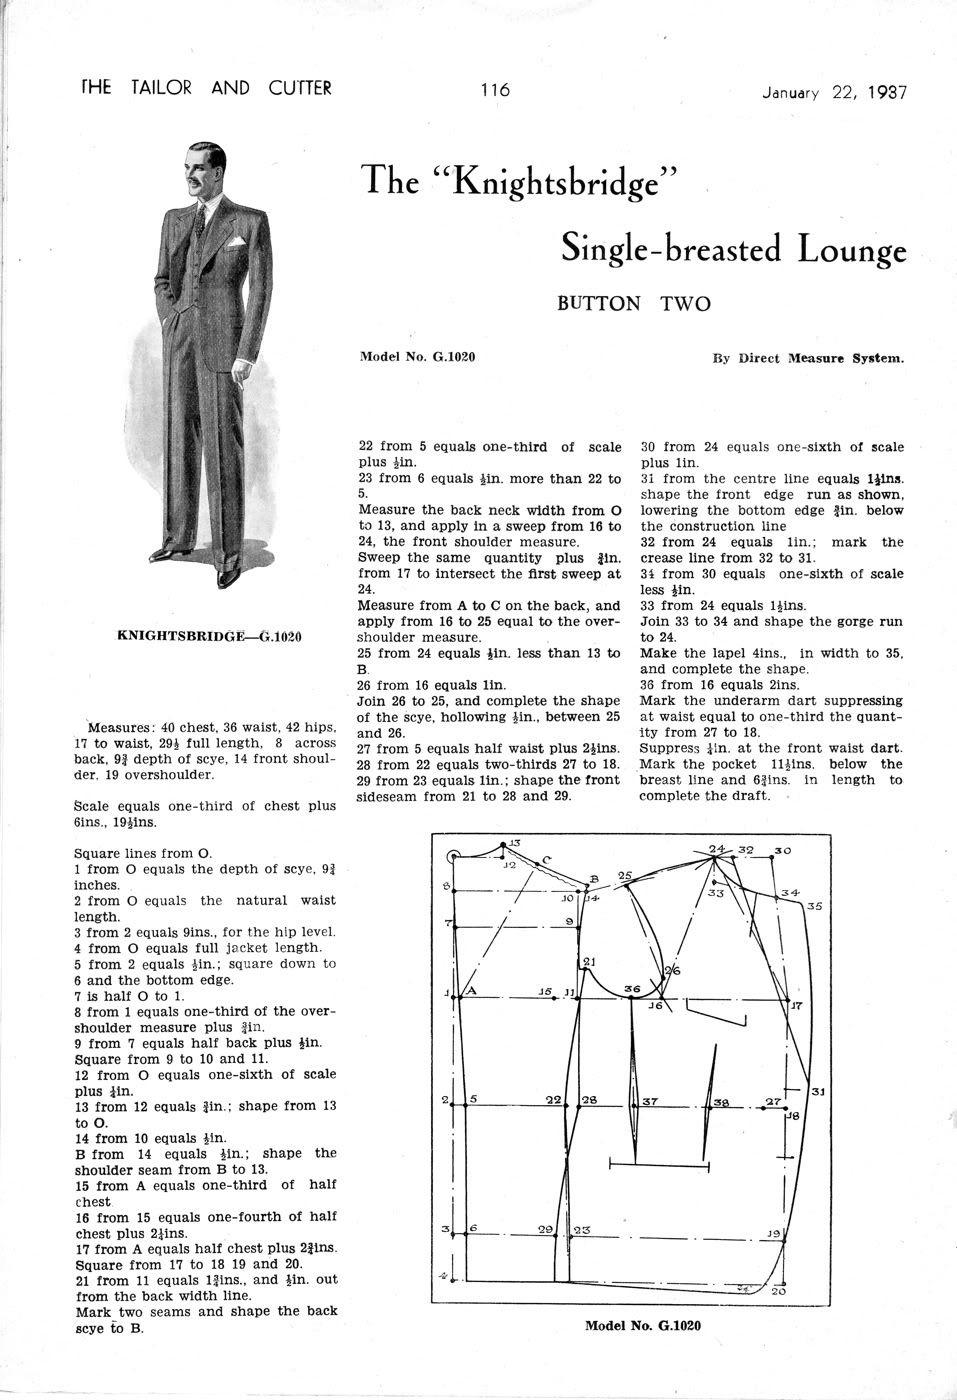 single-breasted lounge | foootoooo | Pinterest | Patrones y Trajes